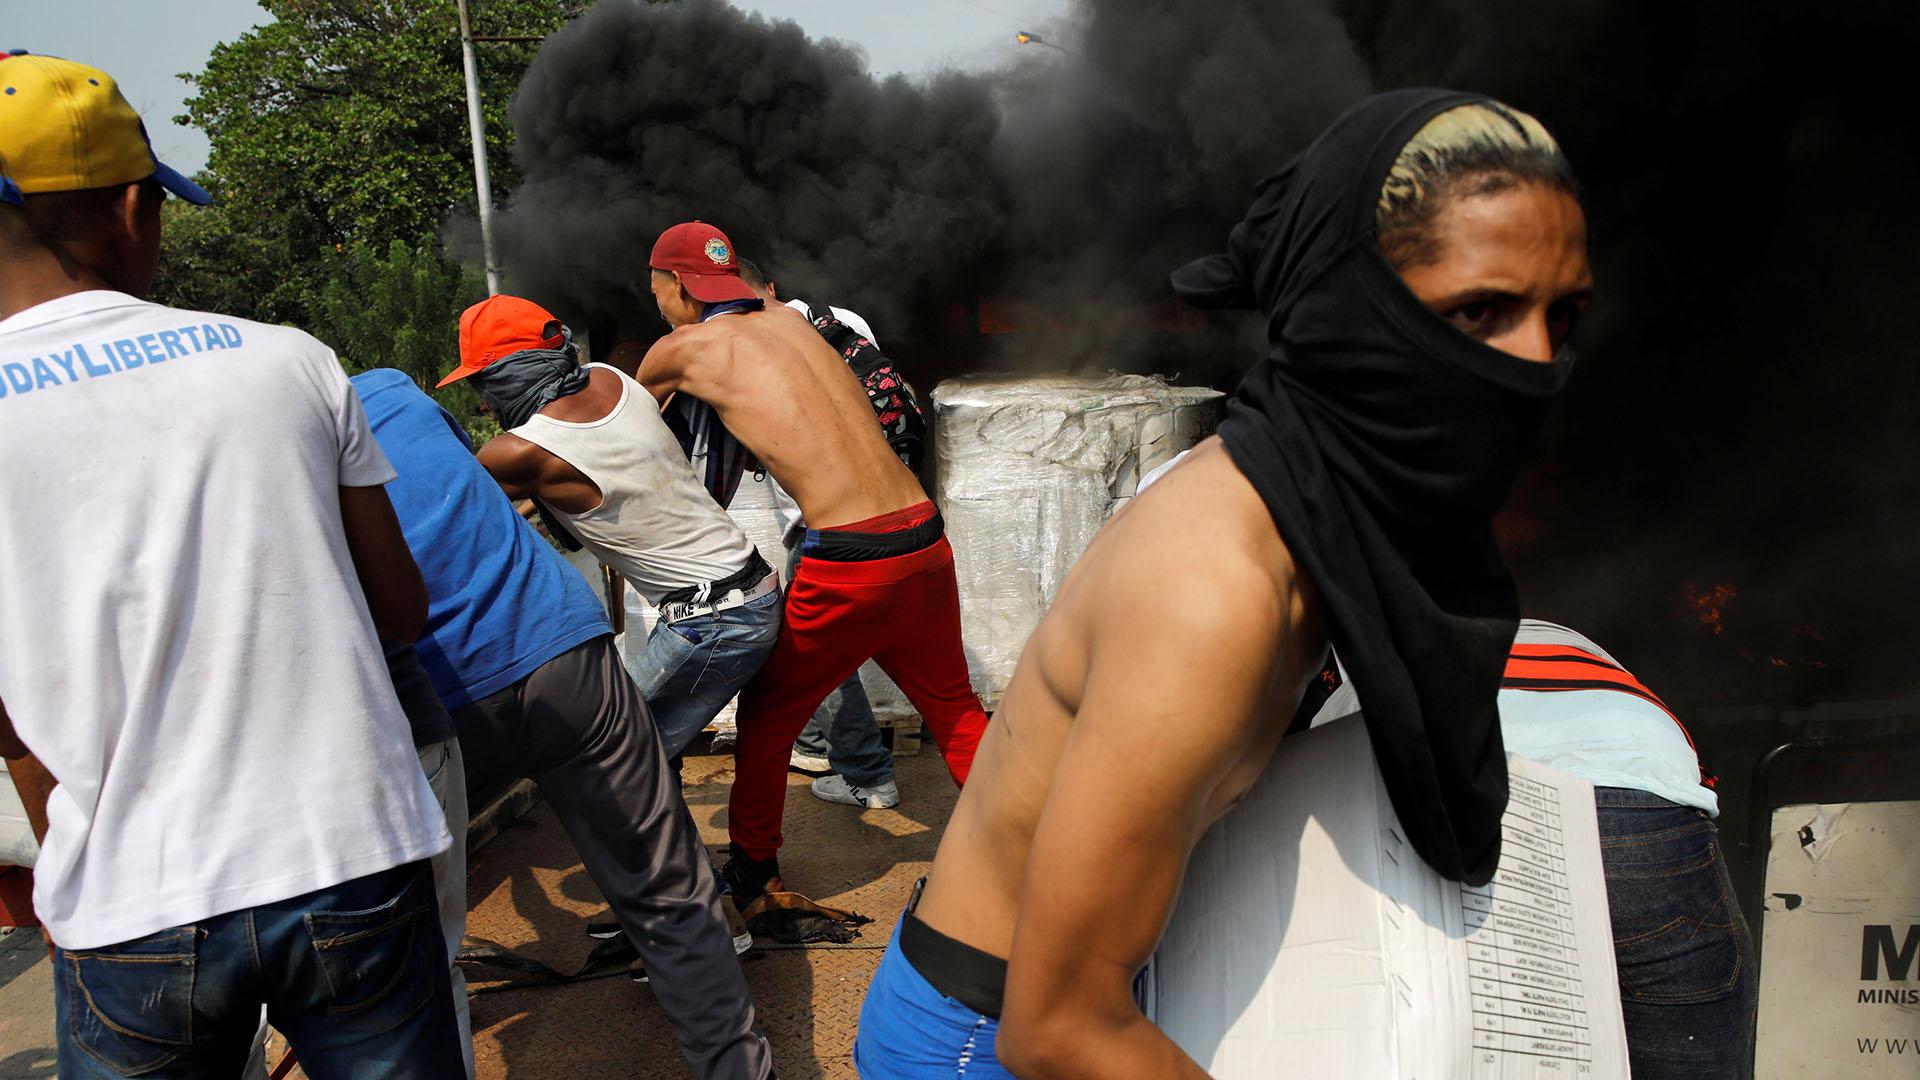 La tensión en el paso fronterizo entre Colombia y Venezuela en Cúcuta es absoluta. El régimen de Nicolás Maduro reprime con gases y balas a los manifestantes que quieren pasar el alimento por la frontera bloqueada (Reuters)